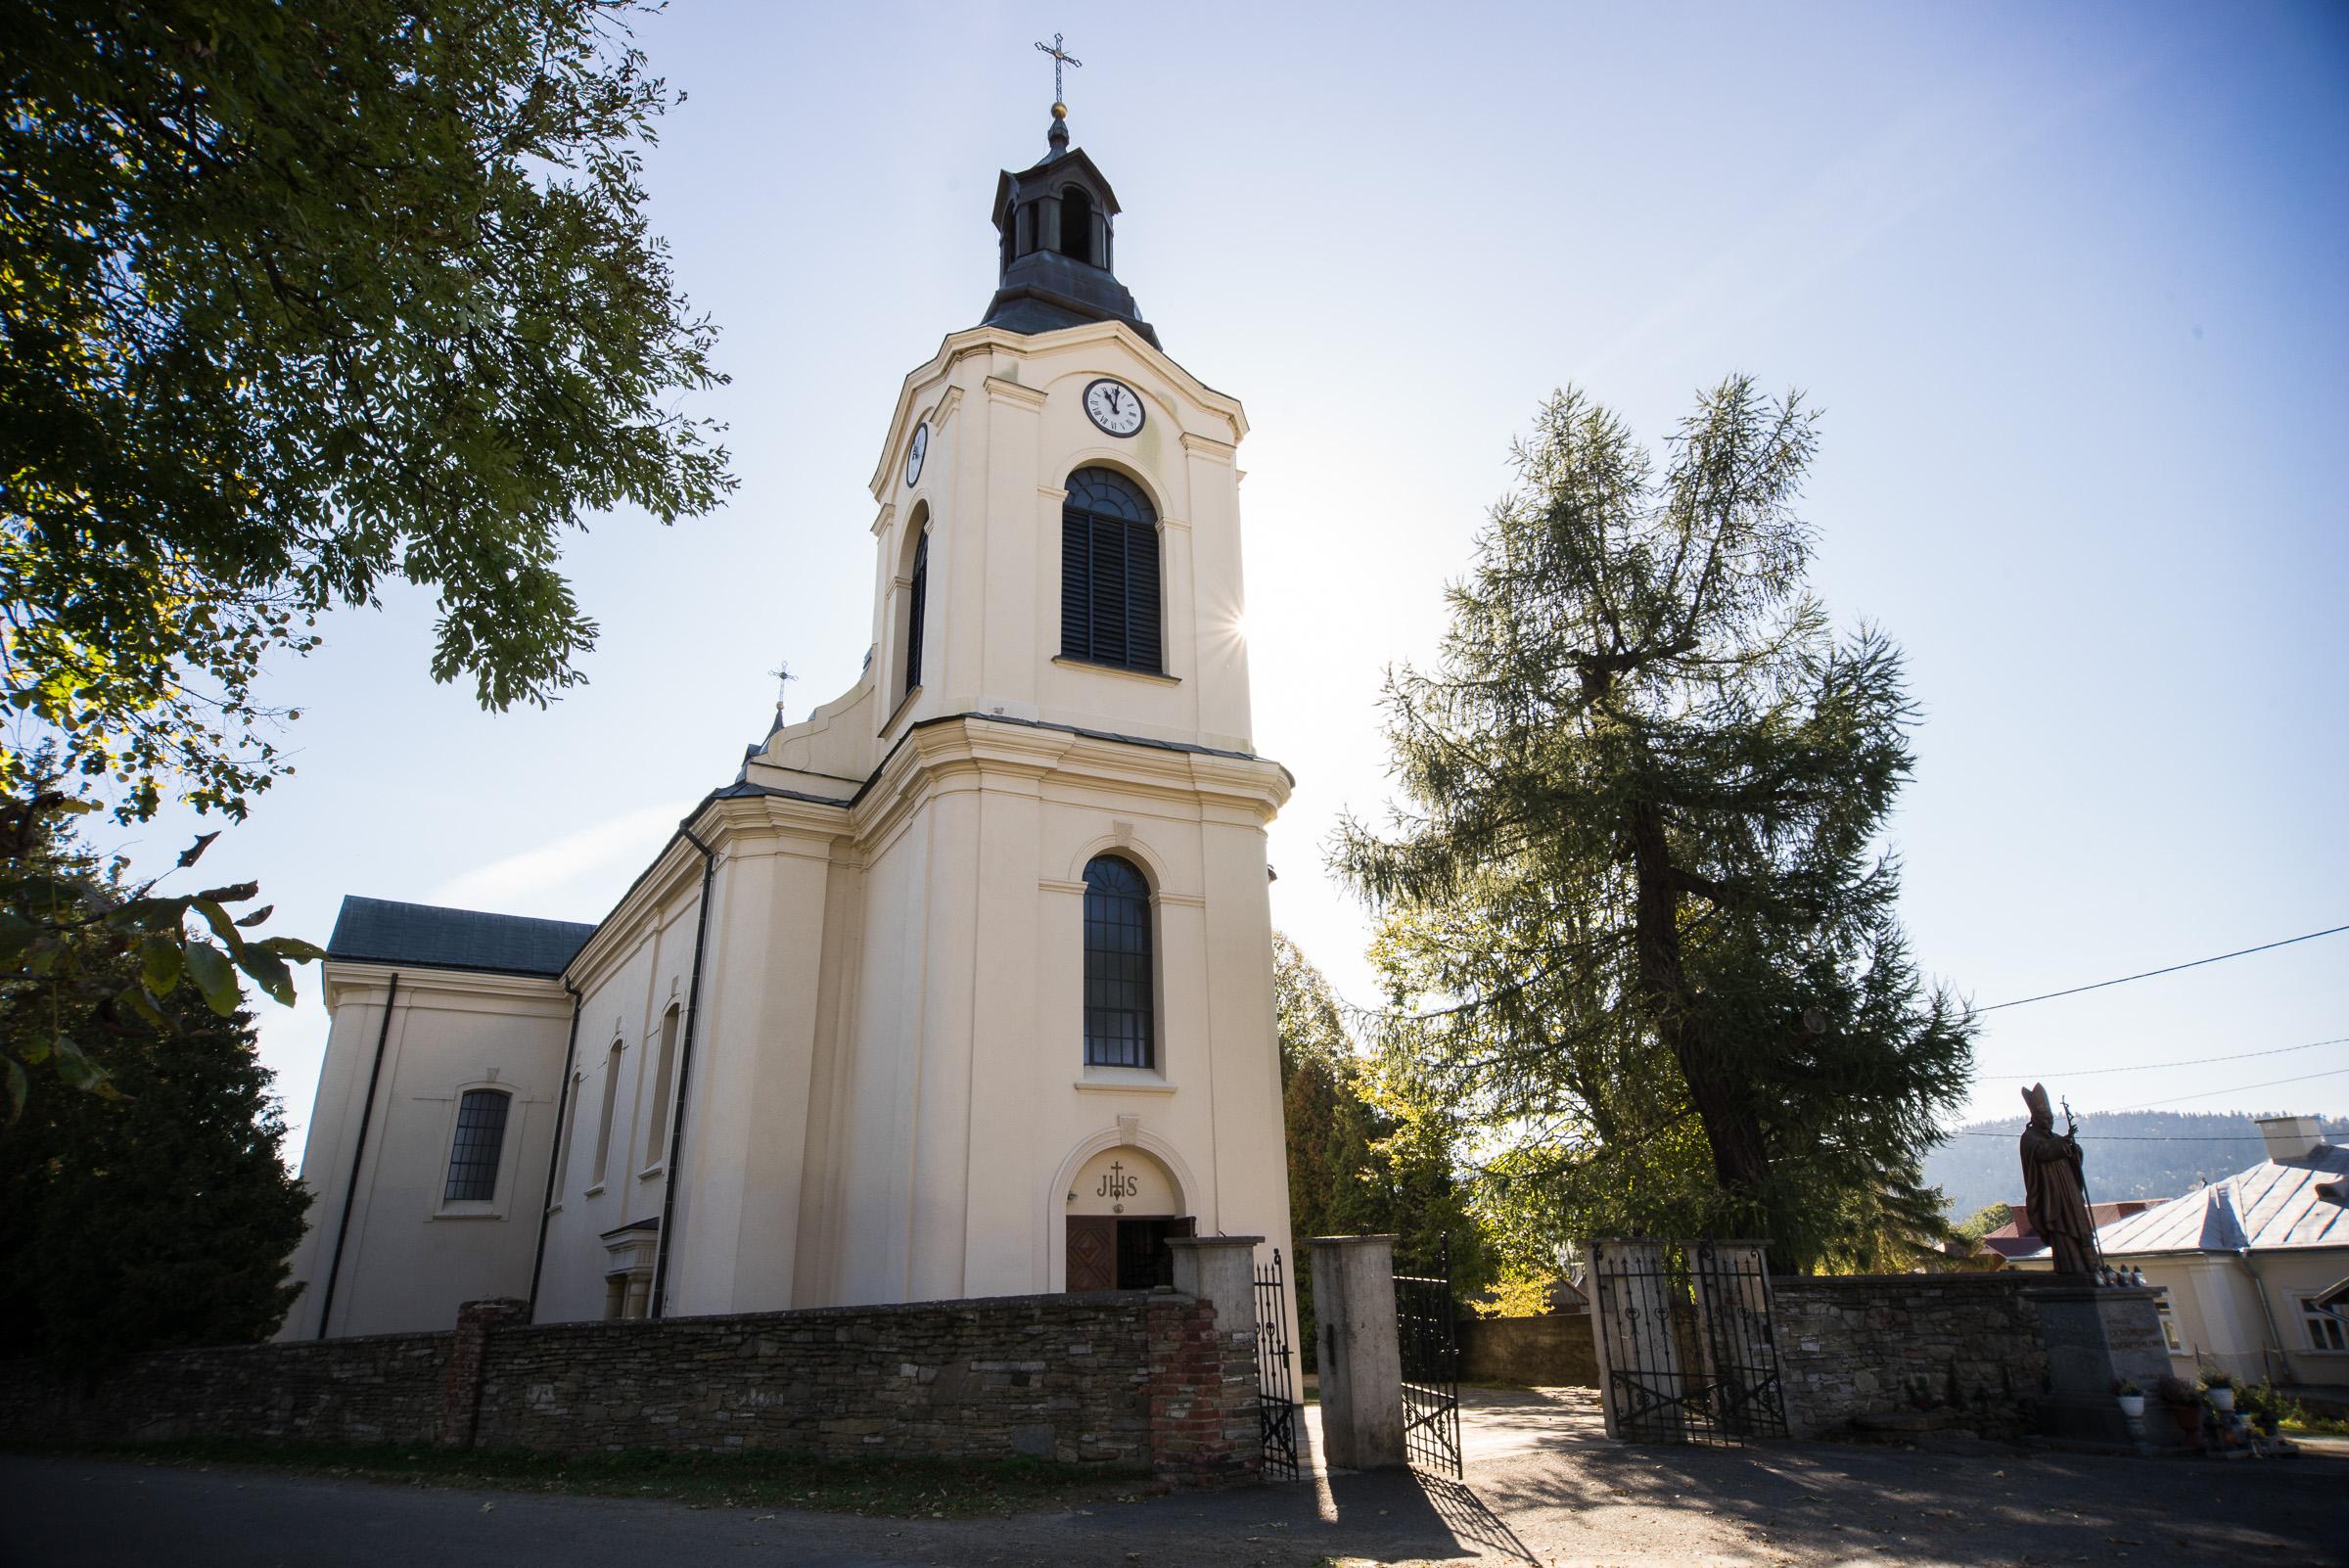 Kościół w Jaśliskach. Fot. Fotoacc